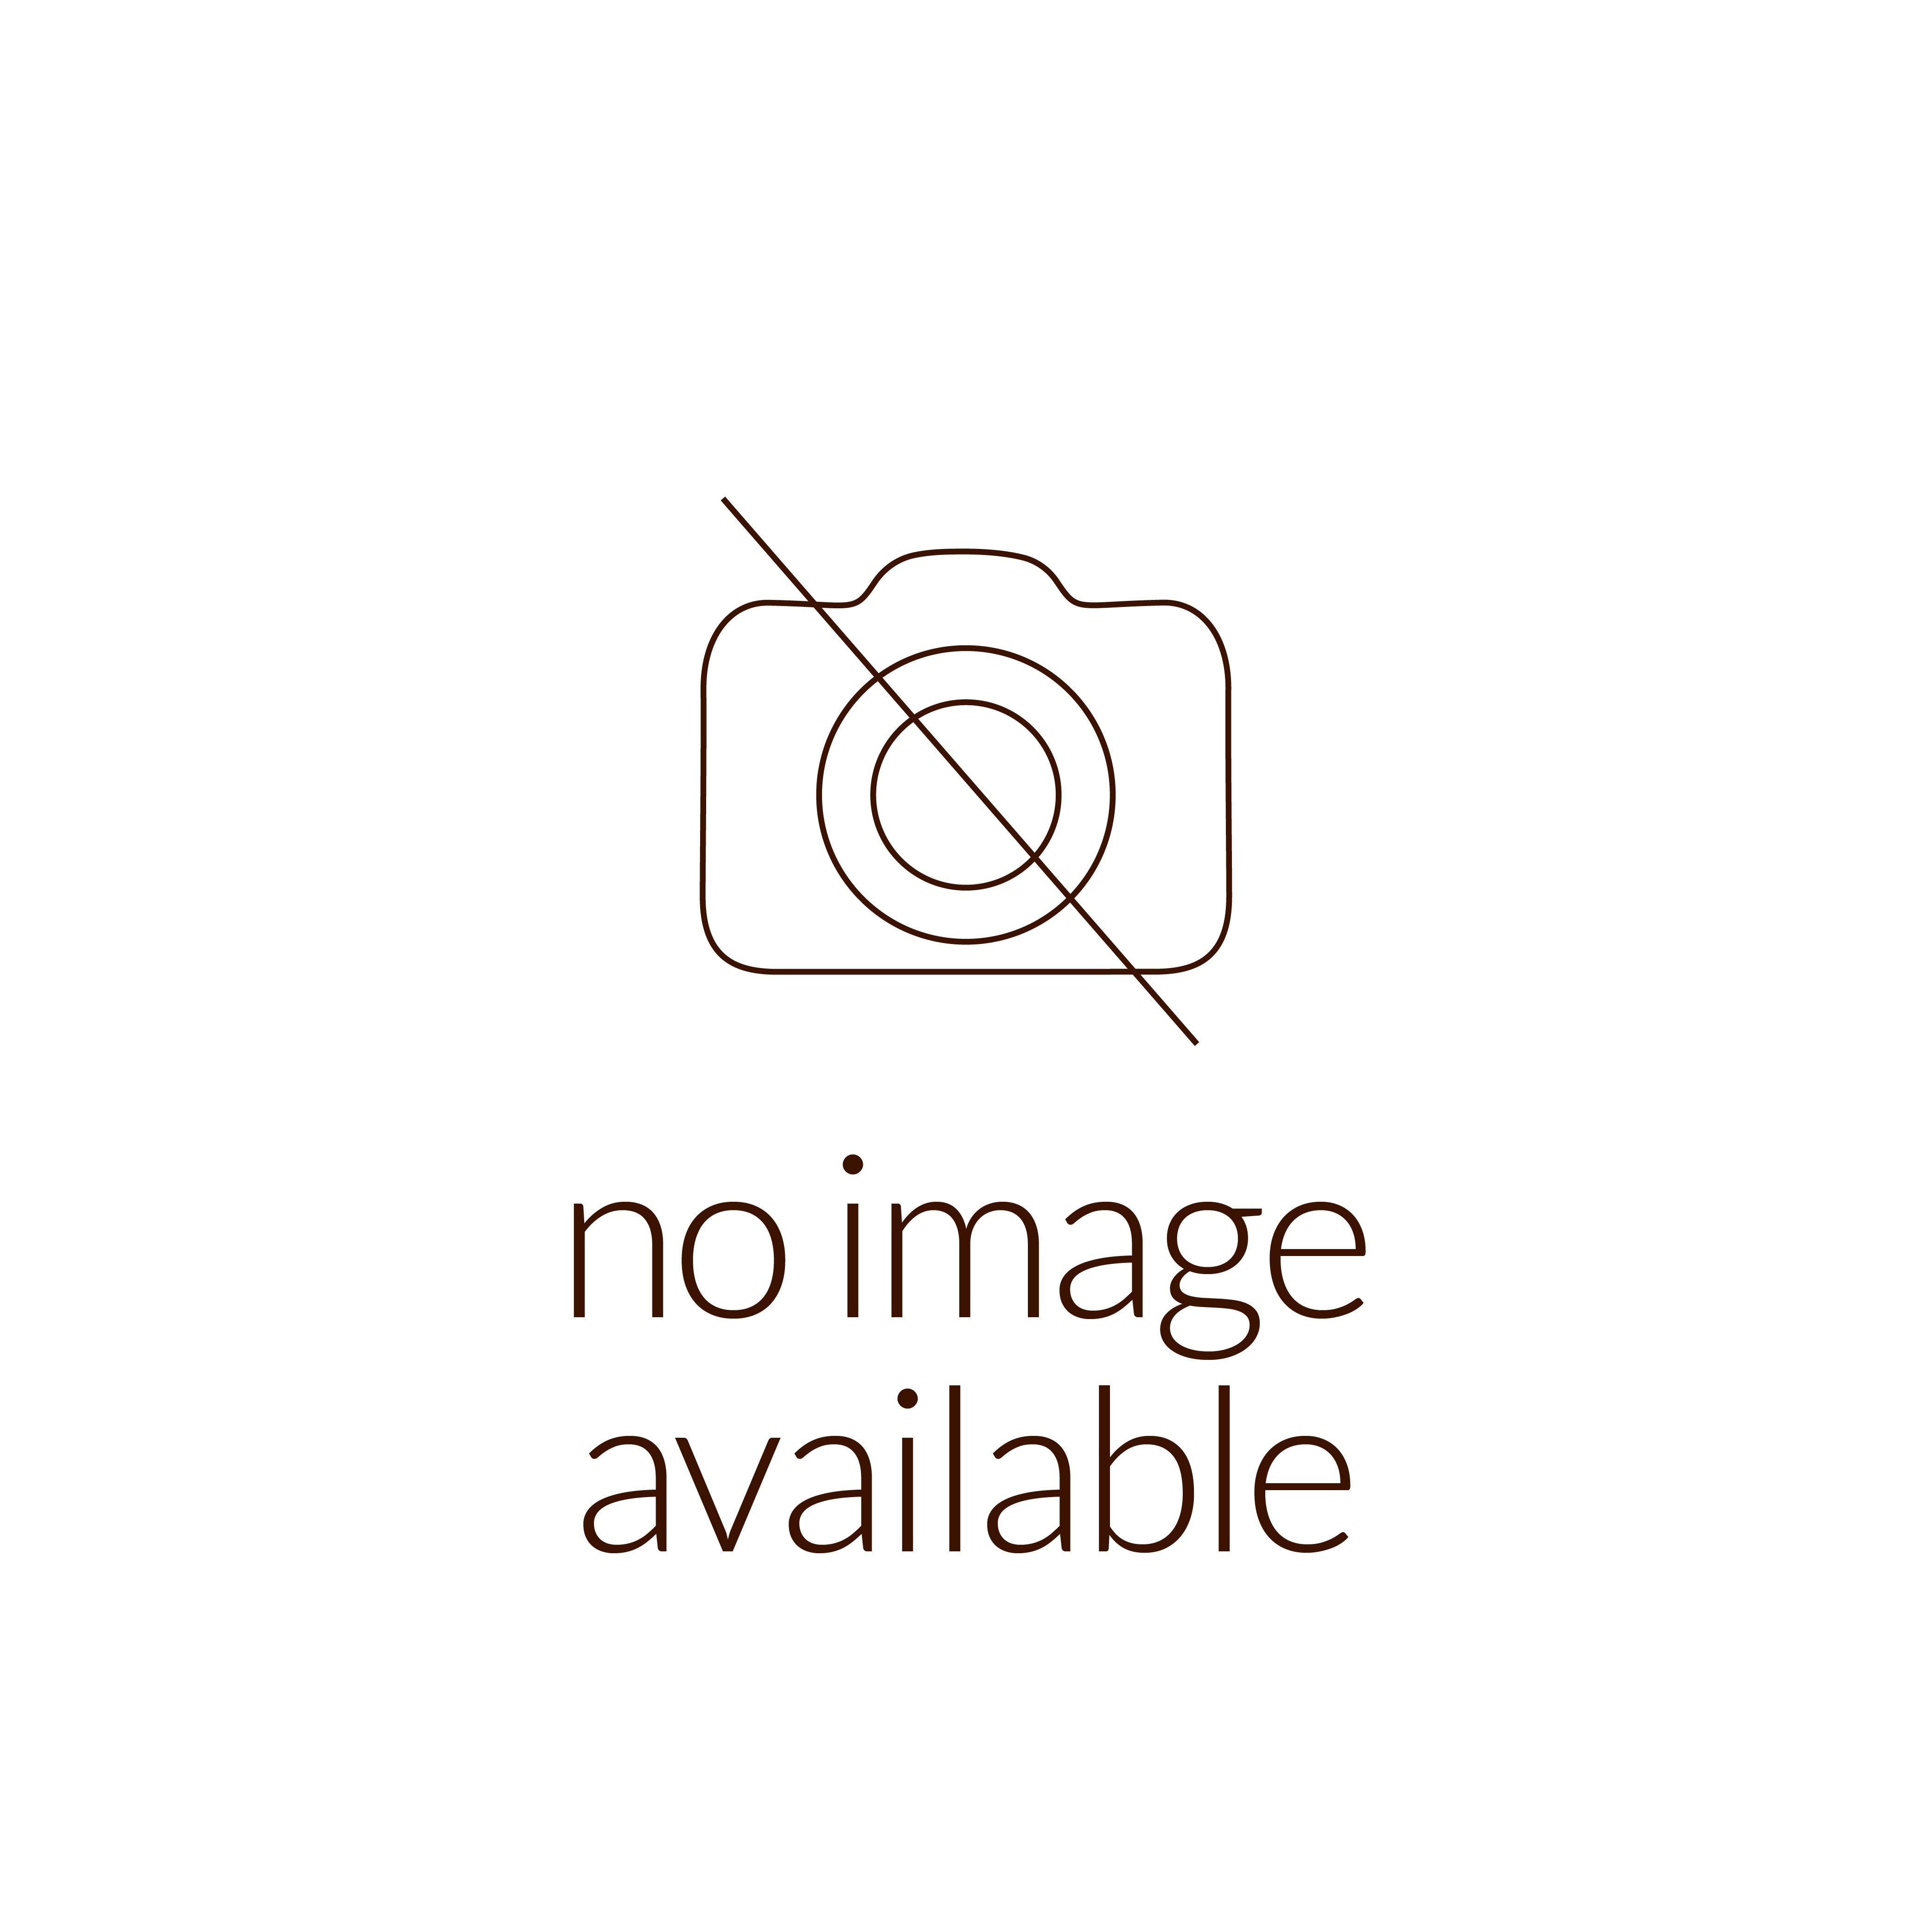 הגדעונים - 59.0 מ''מ, 98 גרם, ארד טומבק